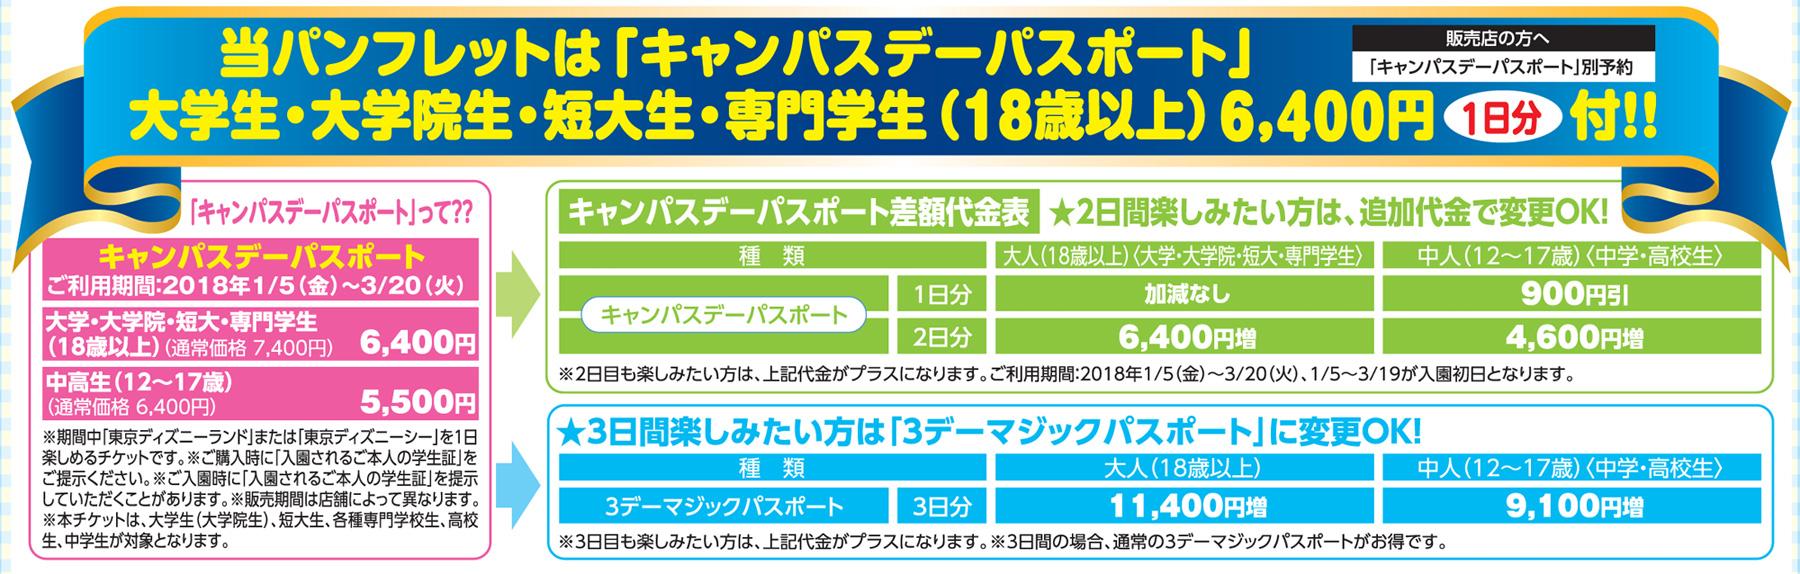 学生限定「キャンパスデーパスポート」(1日分)付♪新幹線で行く!東京